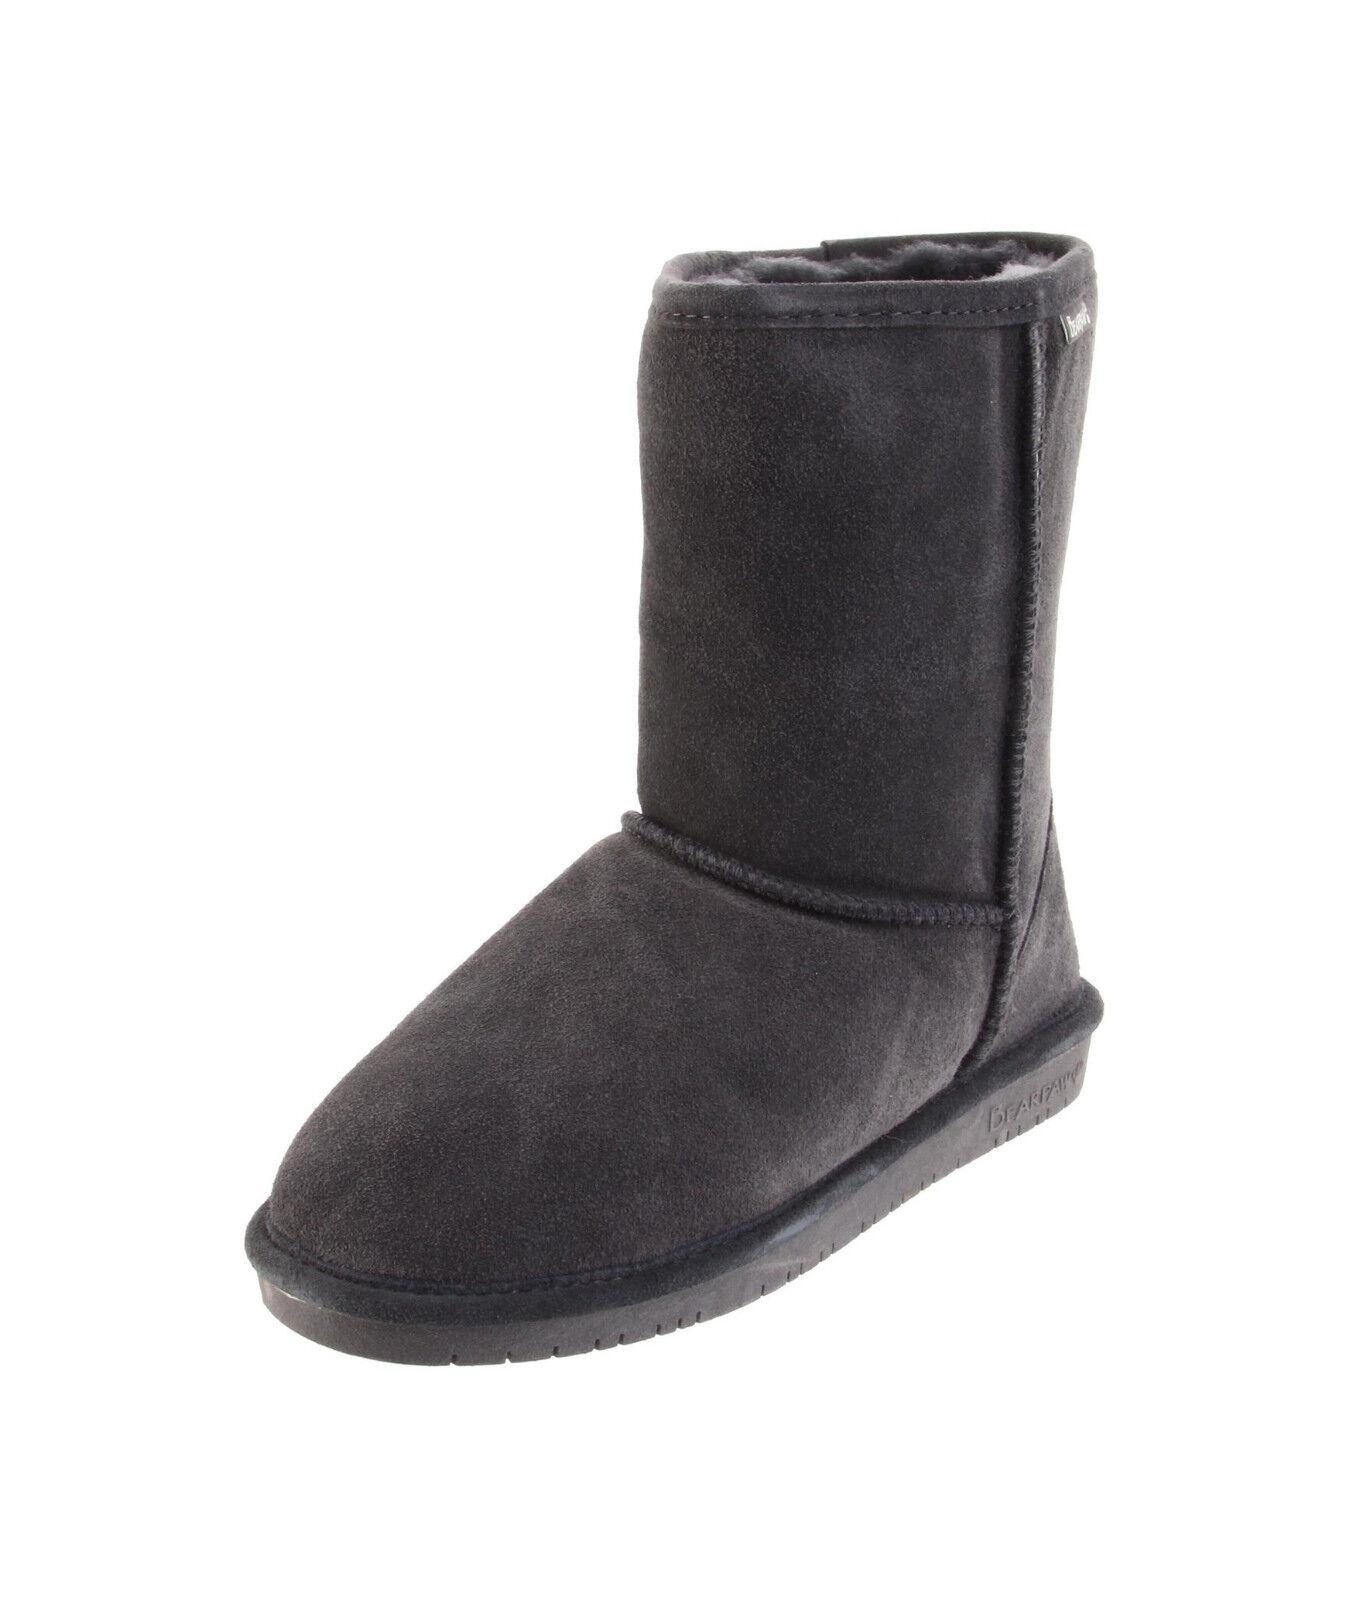 Bearpaw Shoes Women Emma Short 8